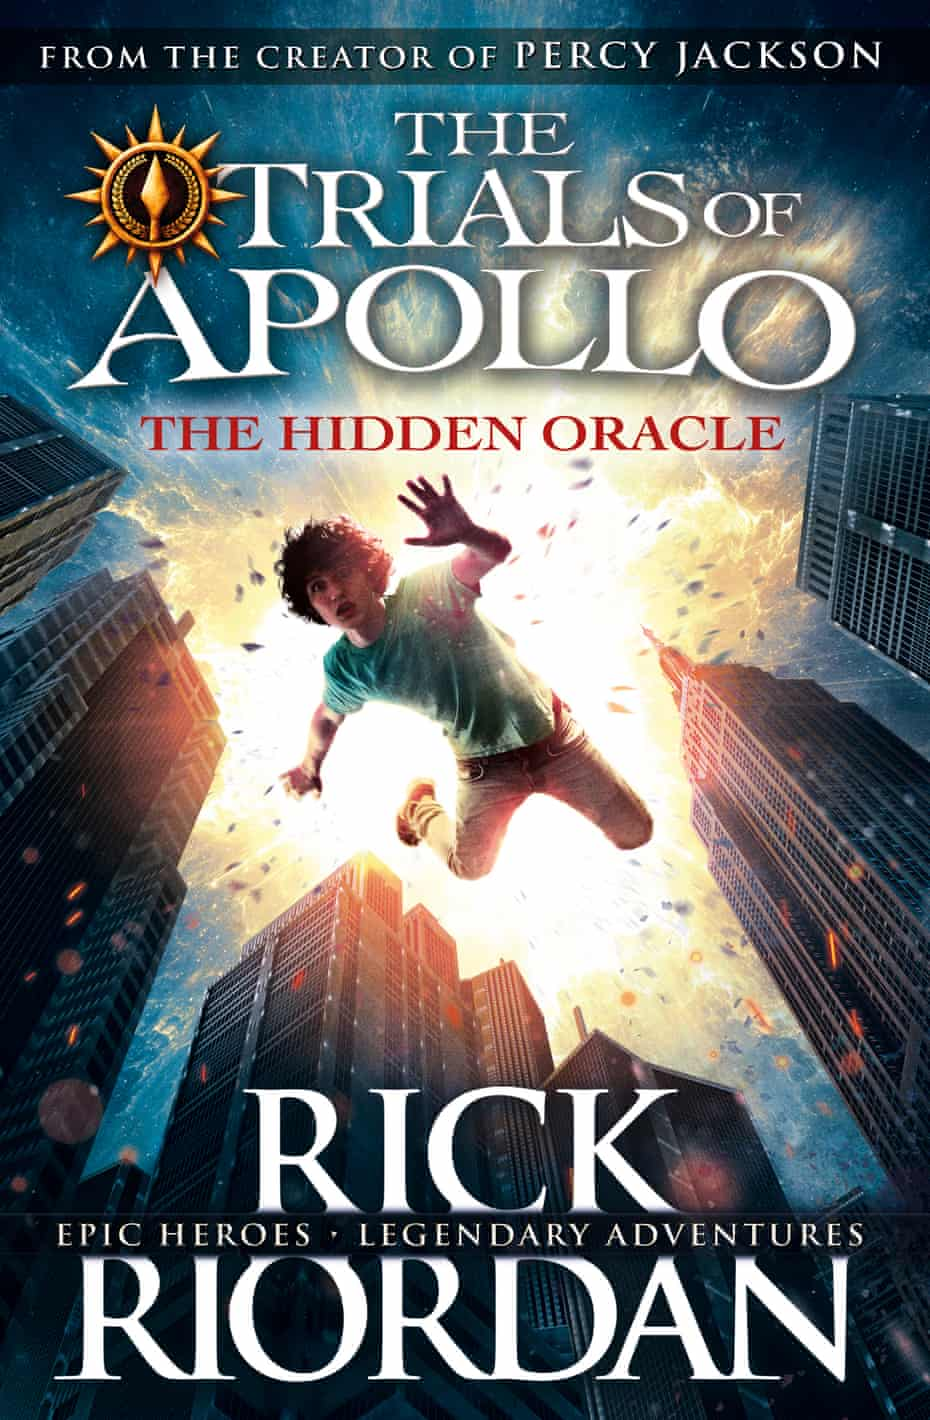 Rick Riordan's The Trials of Apollo